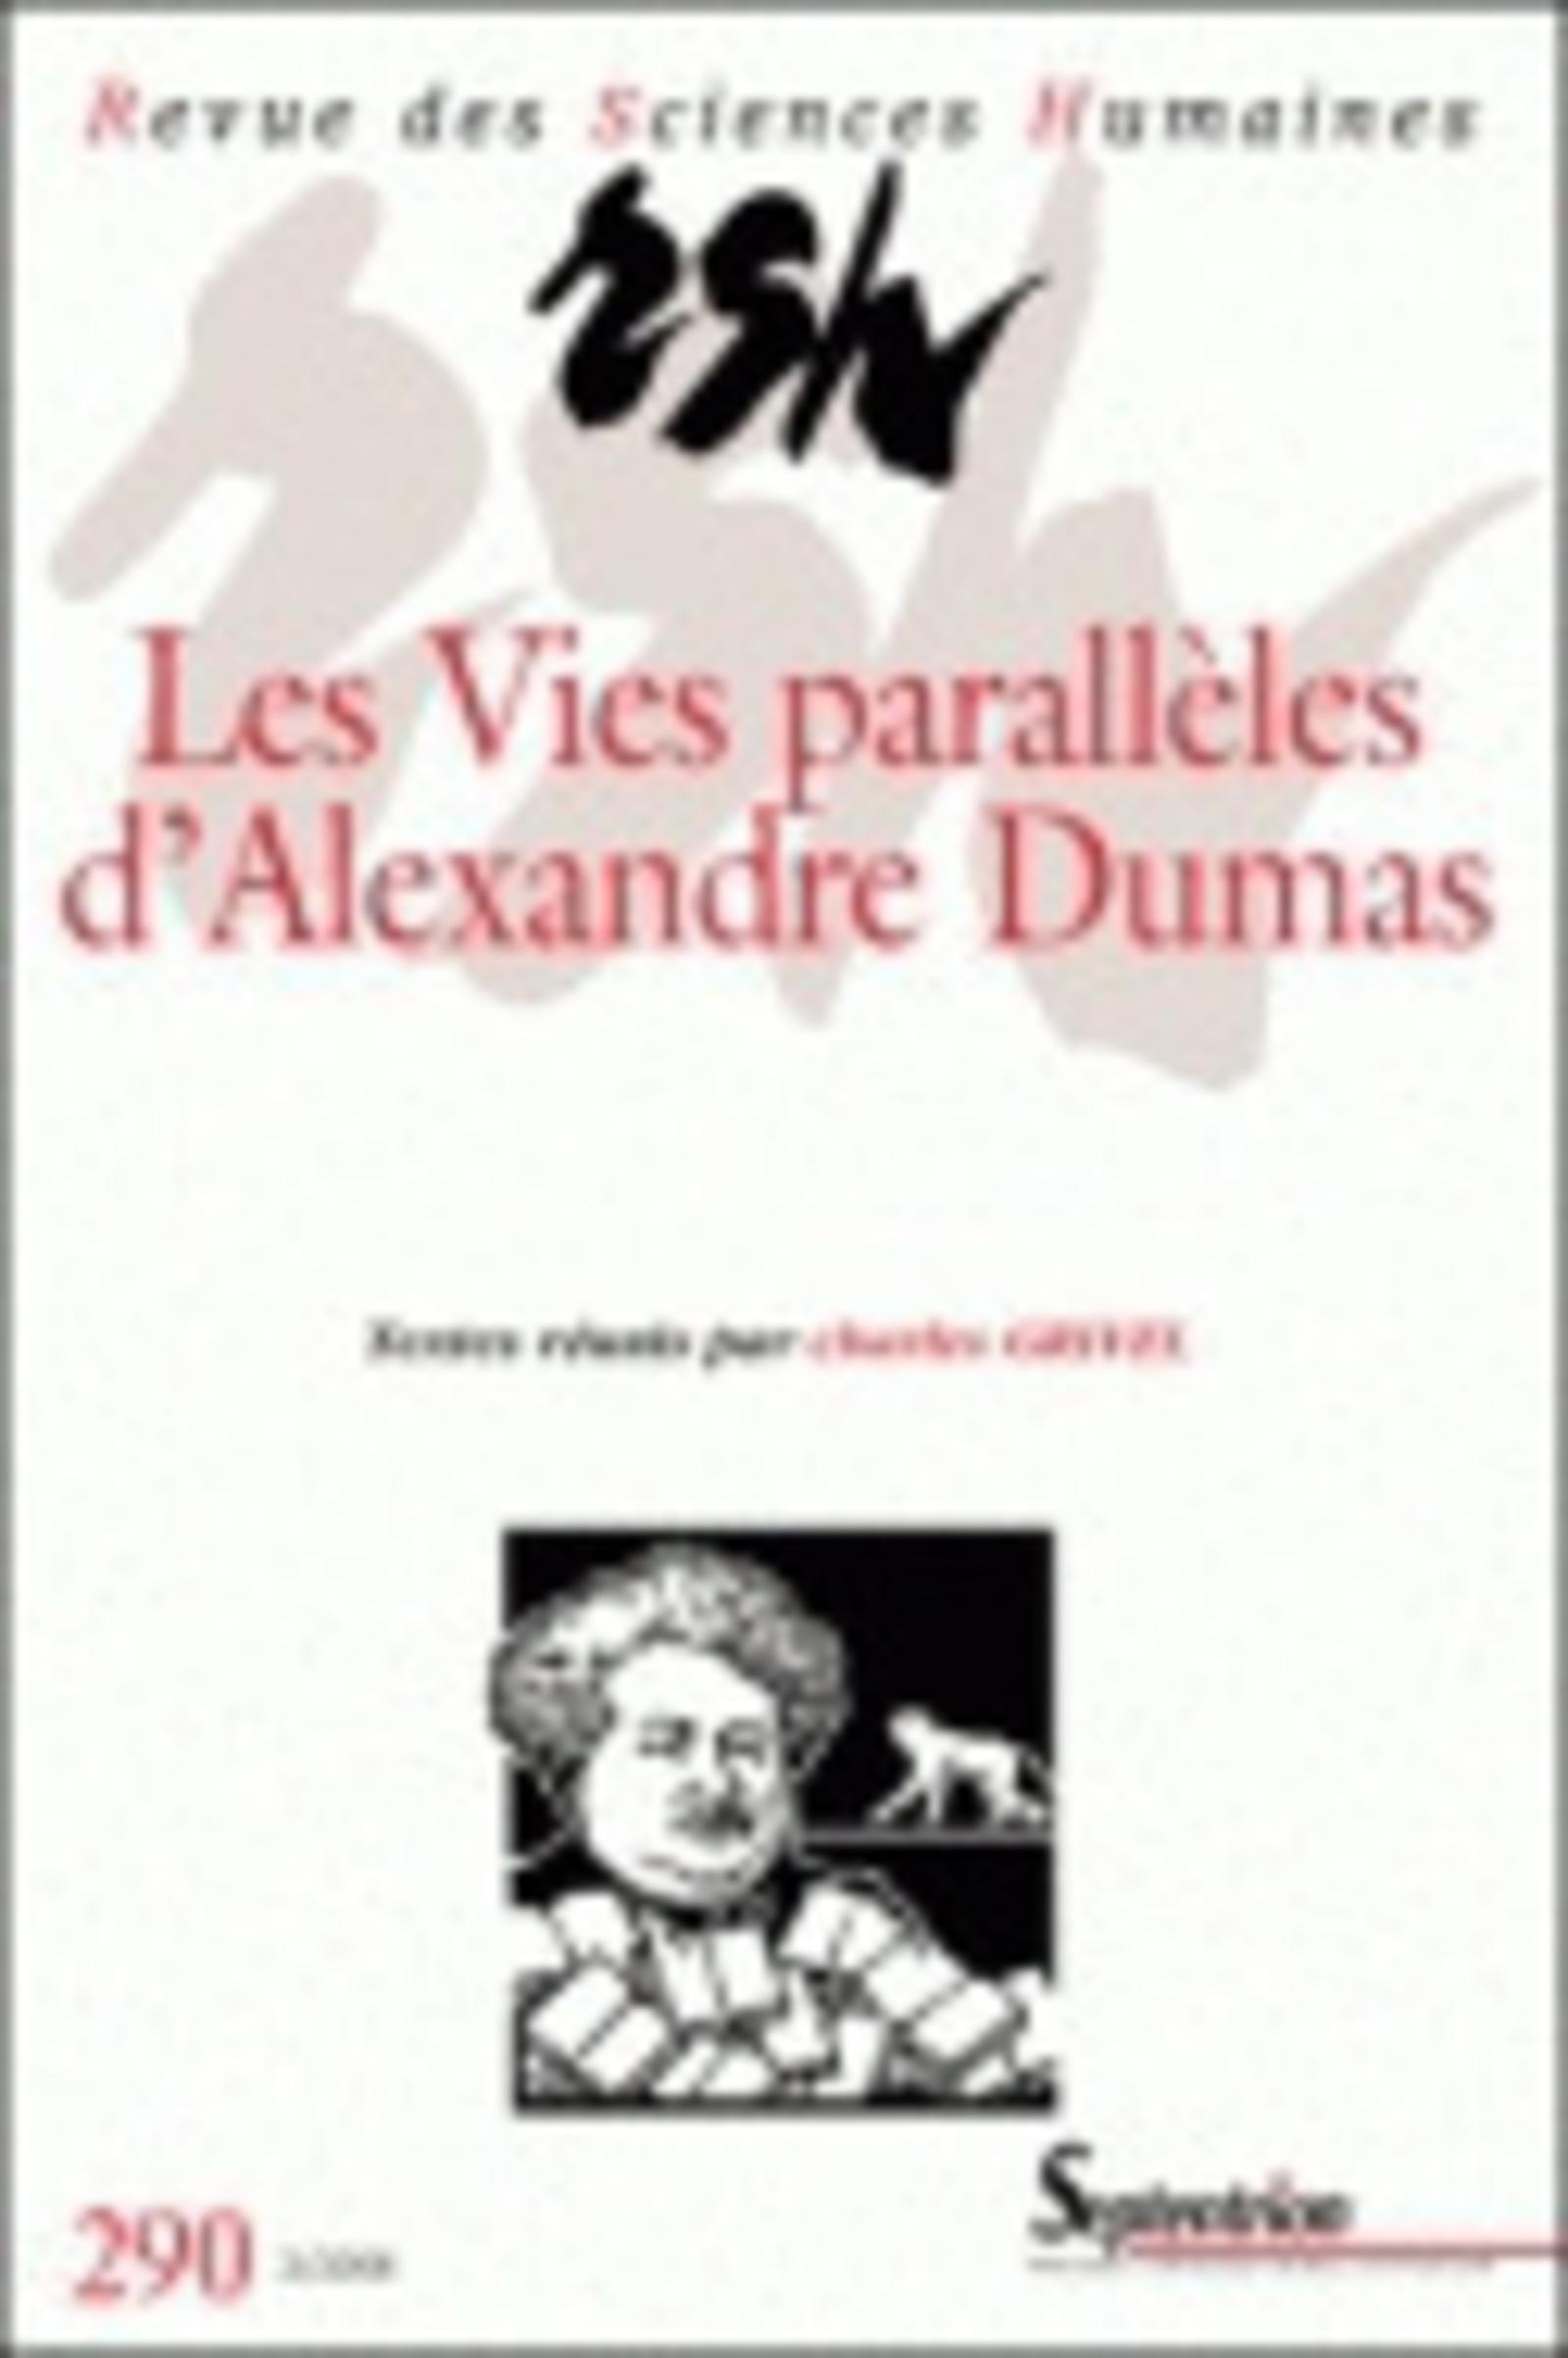 REVUE DES SCIENCES HUMAINES, N 290/AVRIL - JUIN 2008 - LES VIES PARALLELES D''ALEXANDRE DUMAS